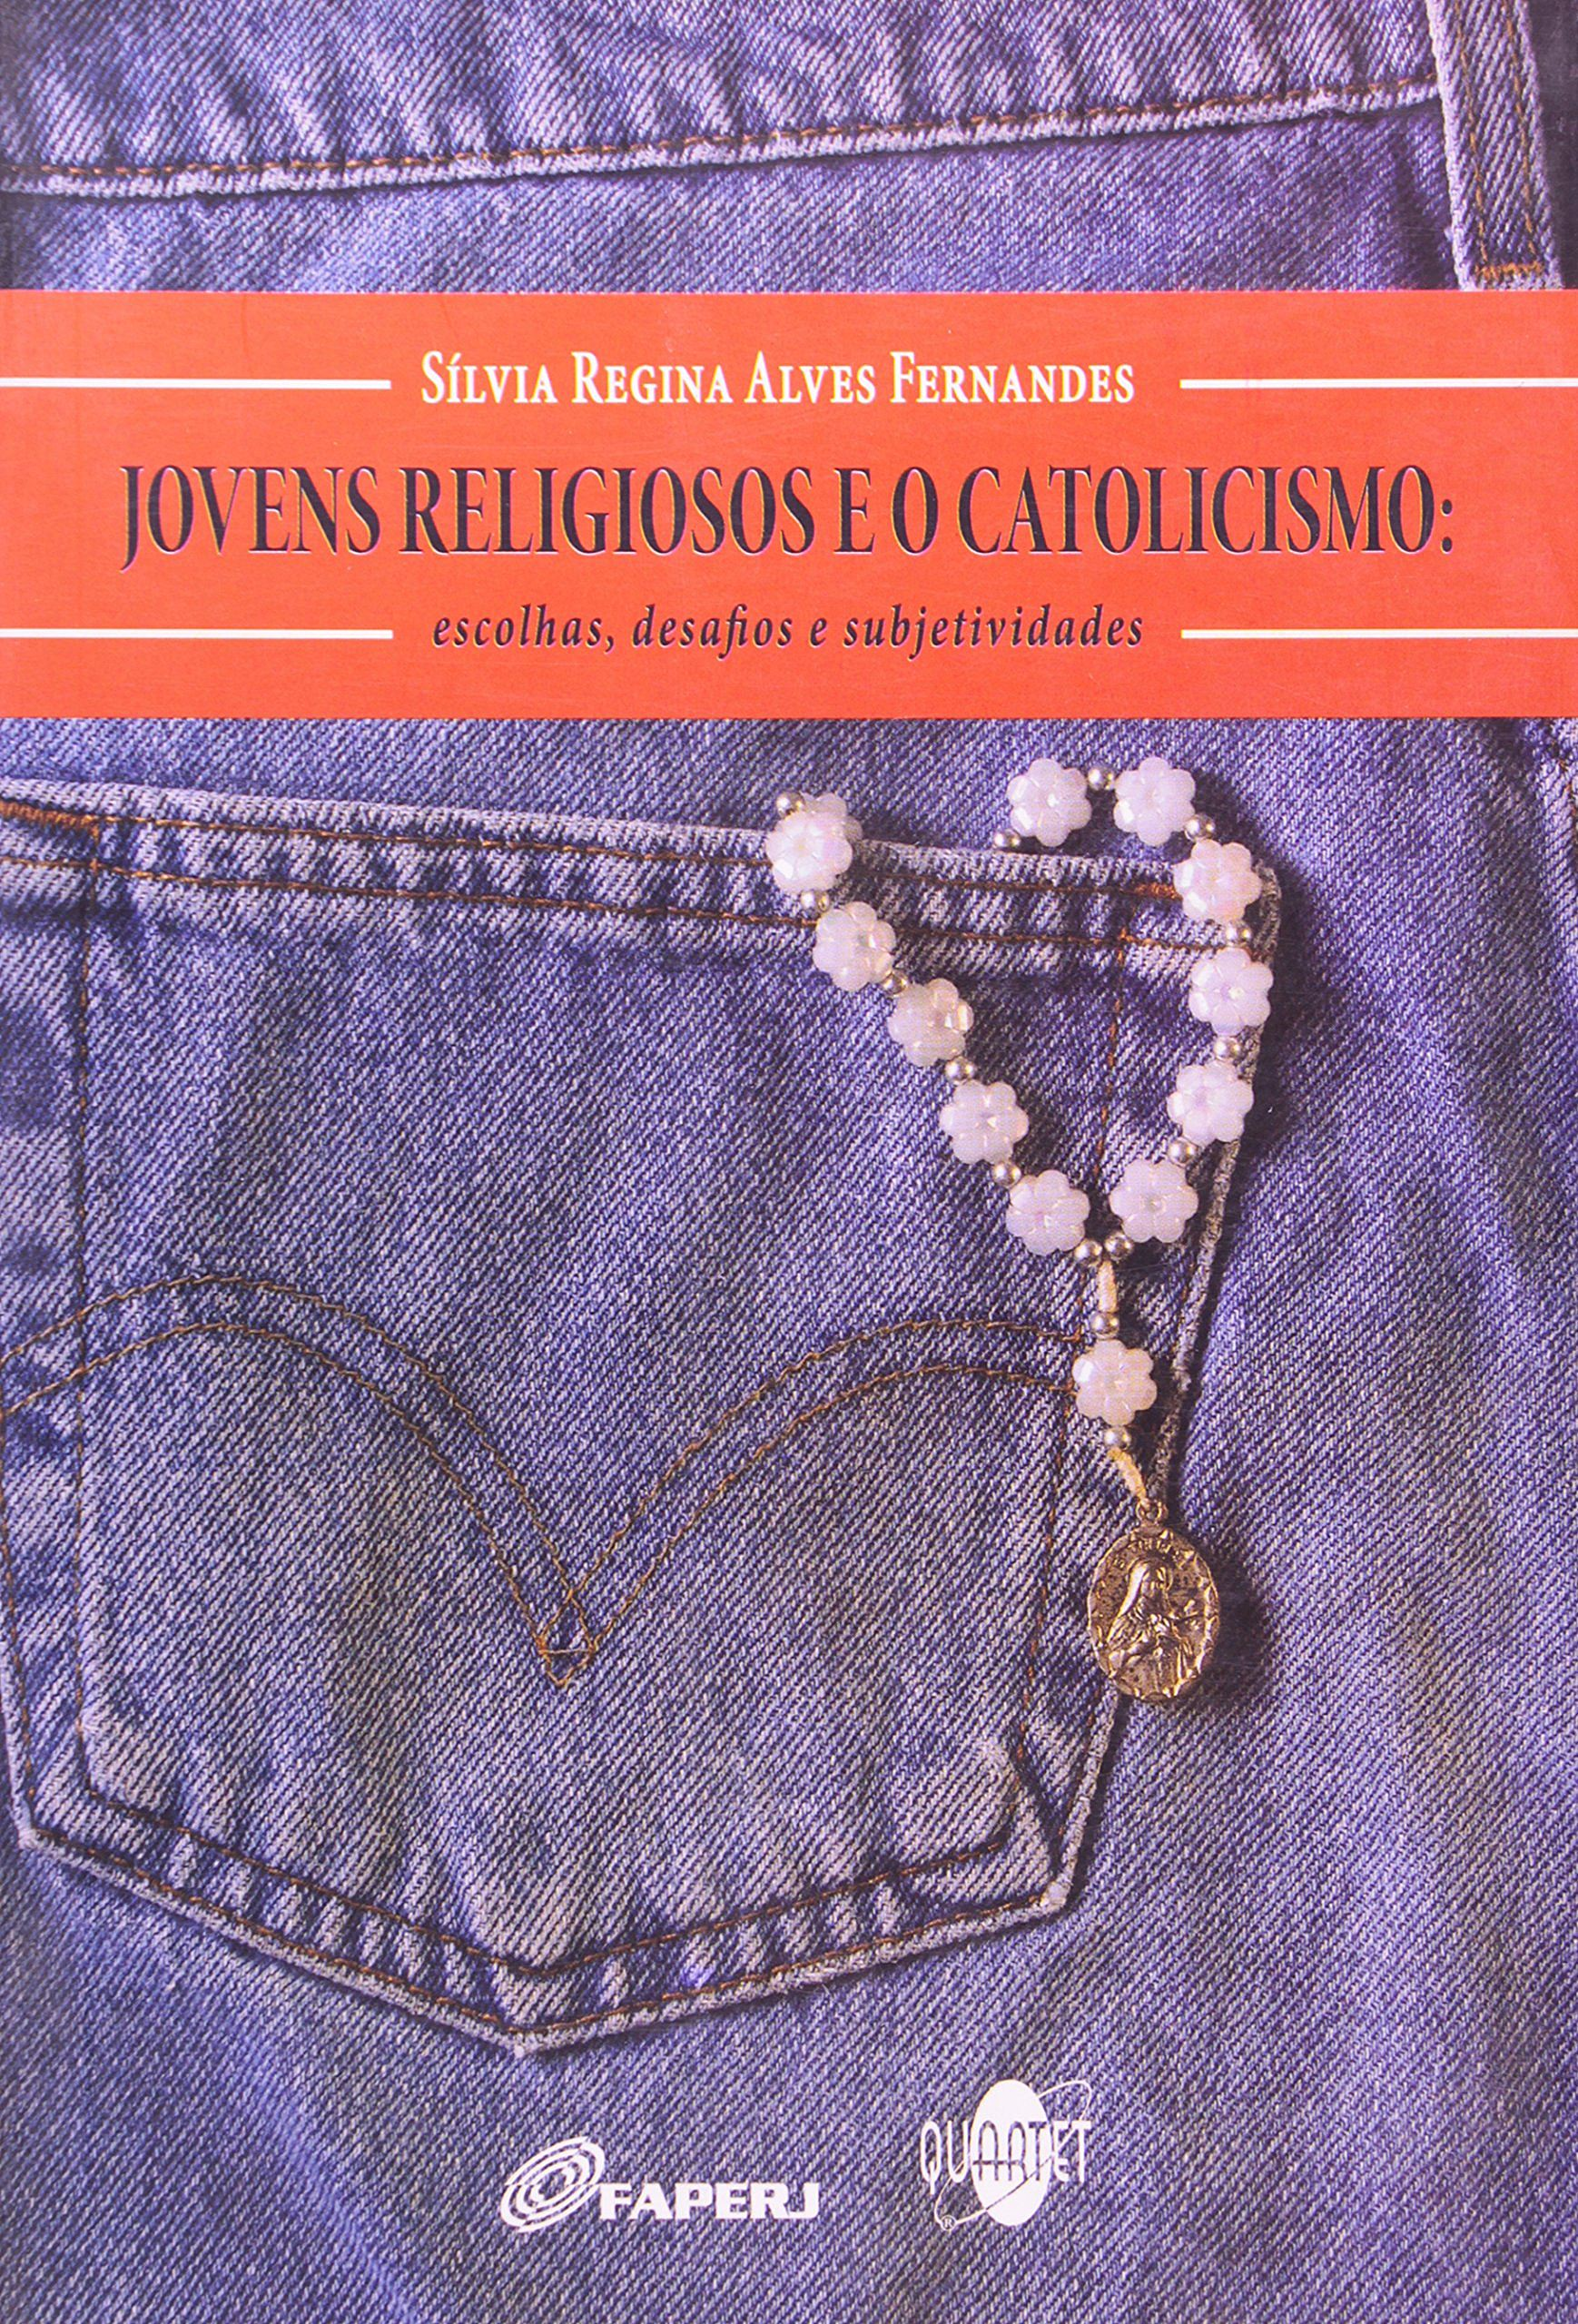 Capa do livro Jovens Religiosos e o Catolicismo - Escolhas, Desafios e Subjetividades, Silvia Regina Alves Fernandes